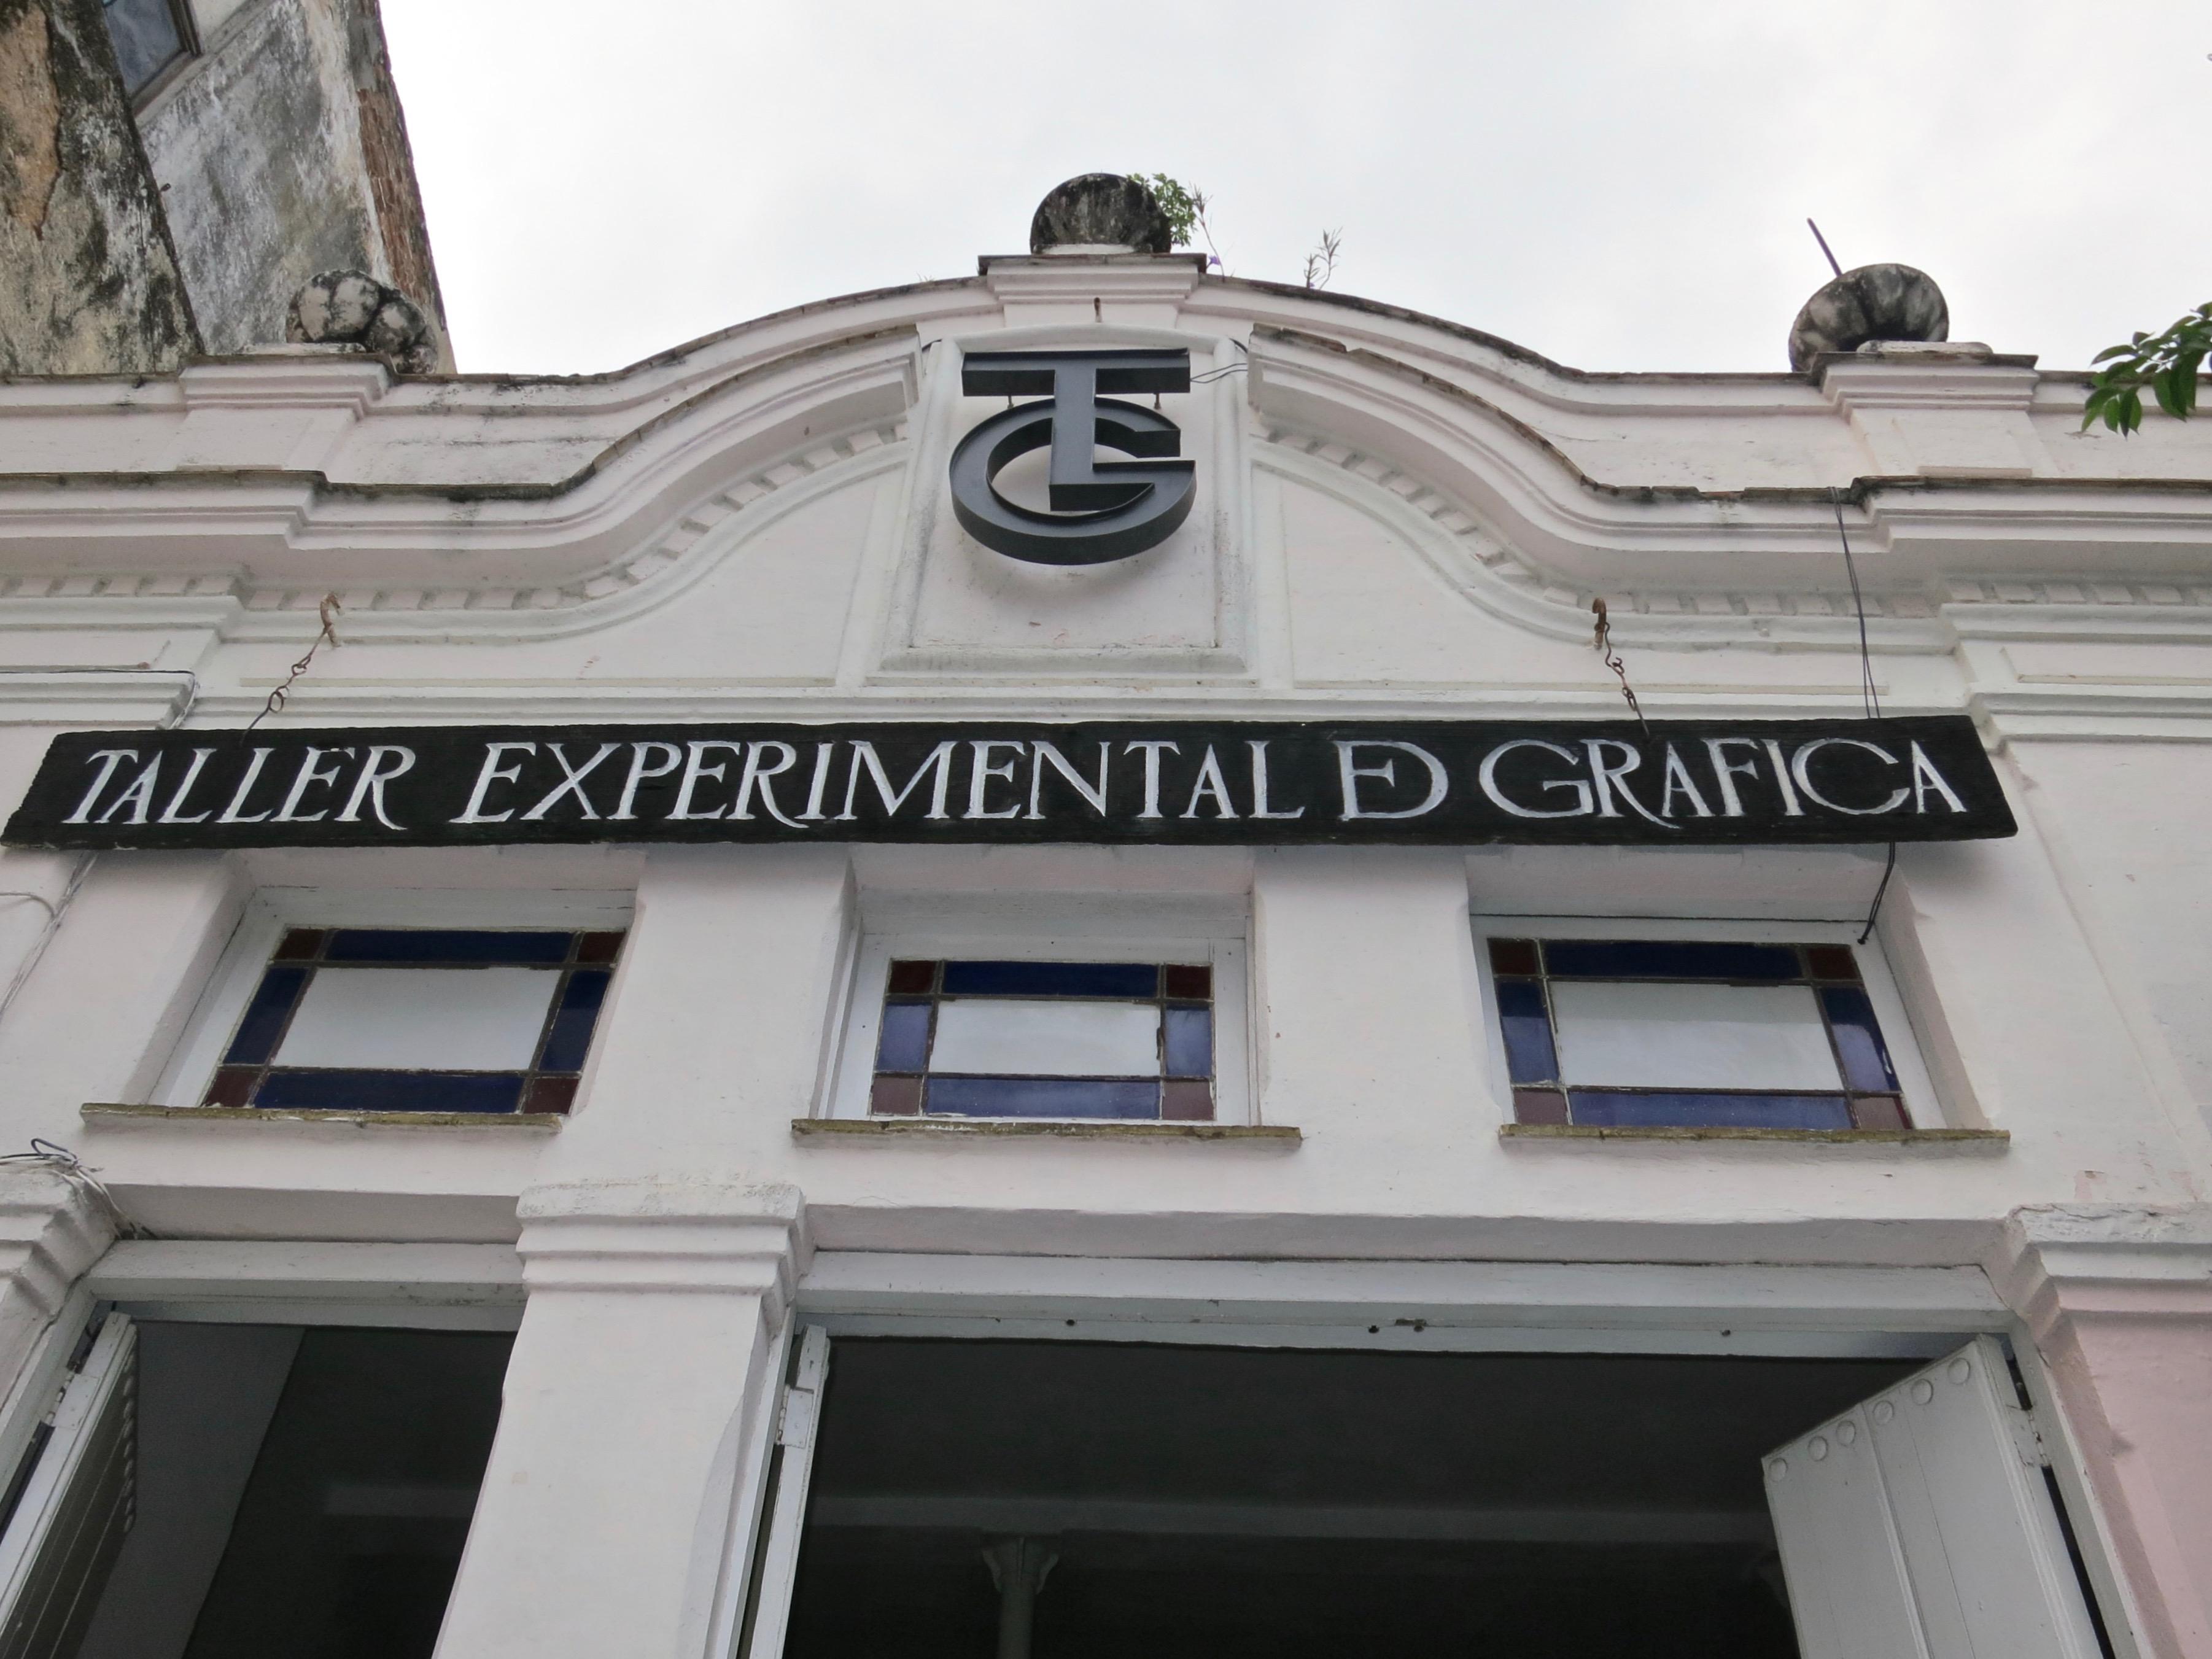 Taller Experimental de Gráficas - Entrance